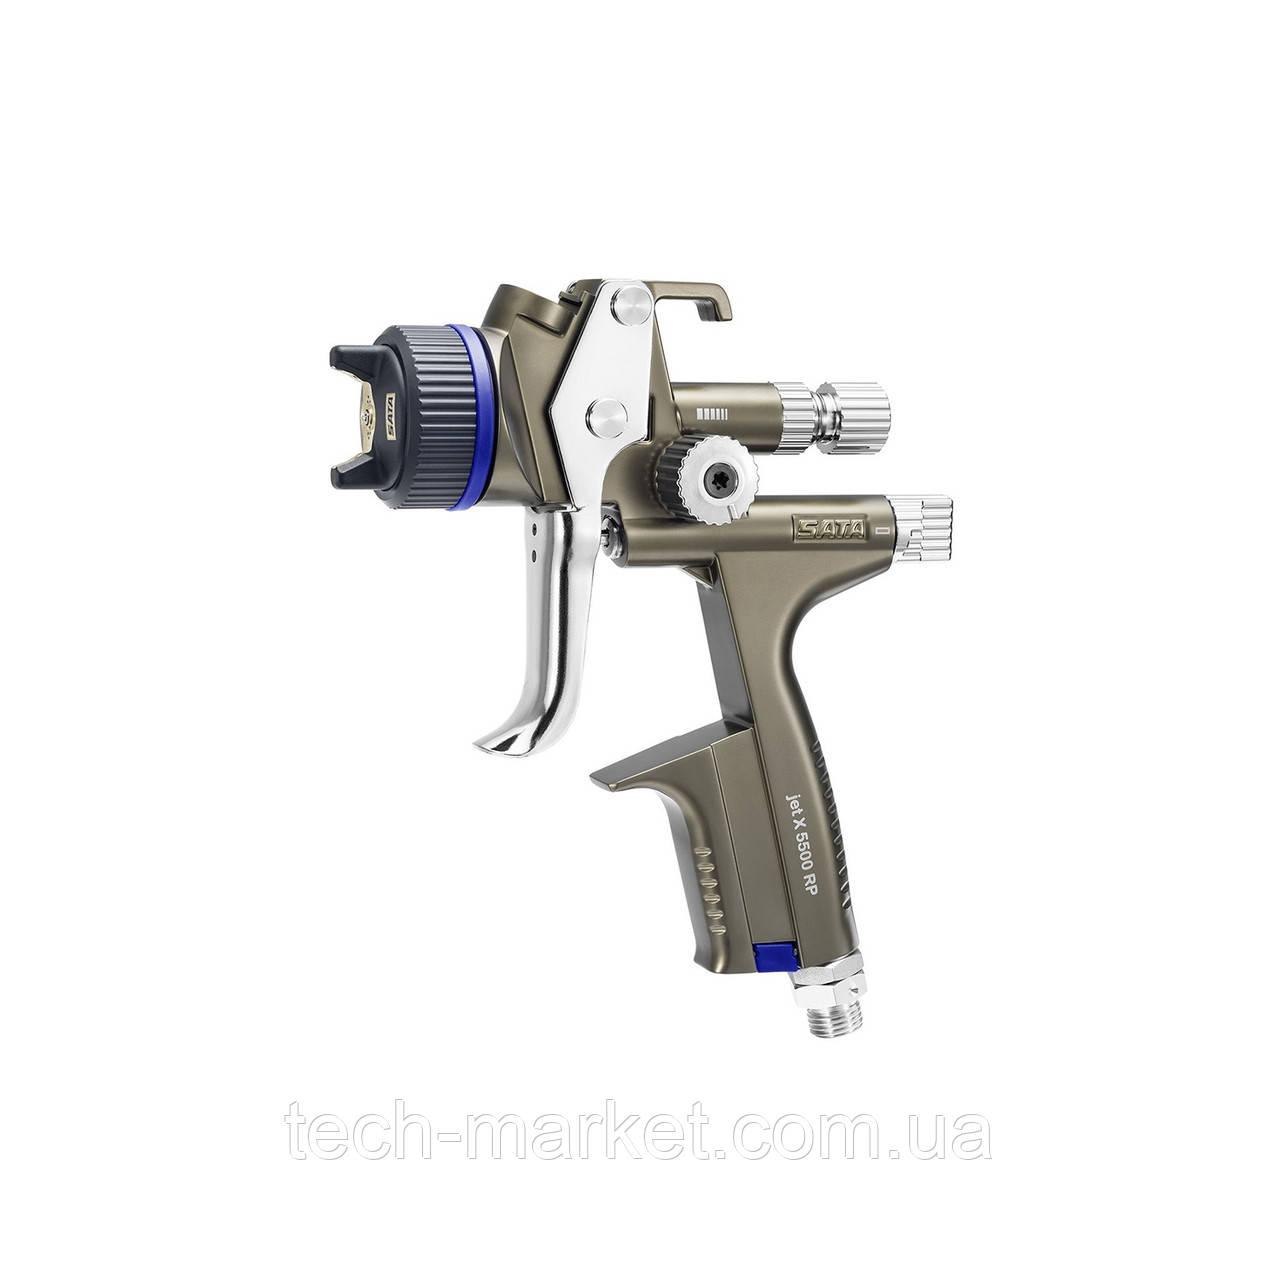 Краскопульт SATAjet X 5500 RP 1.3